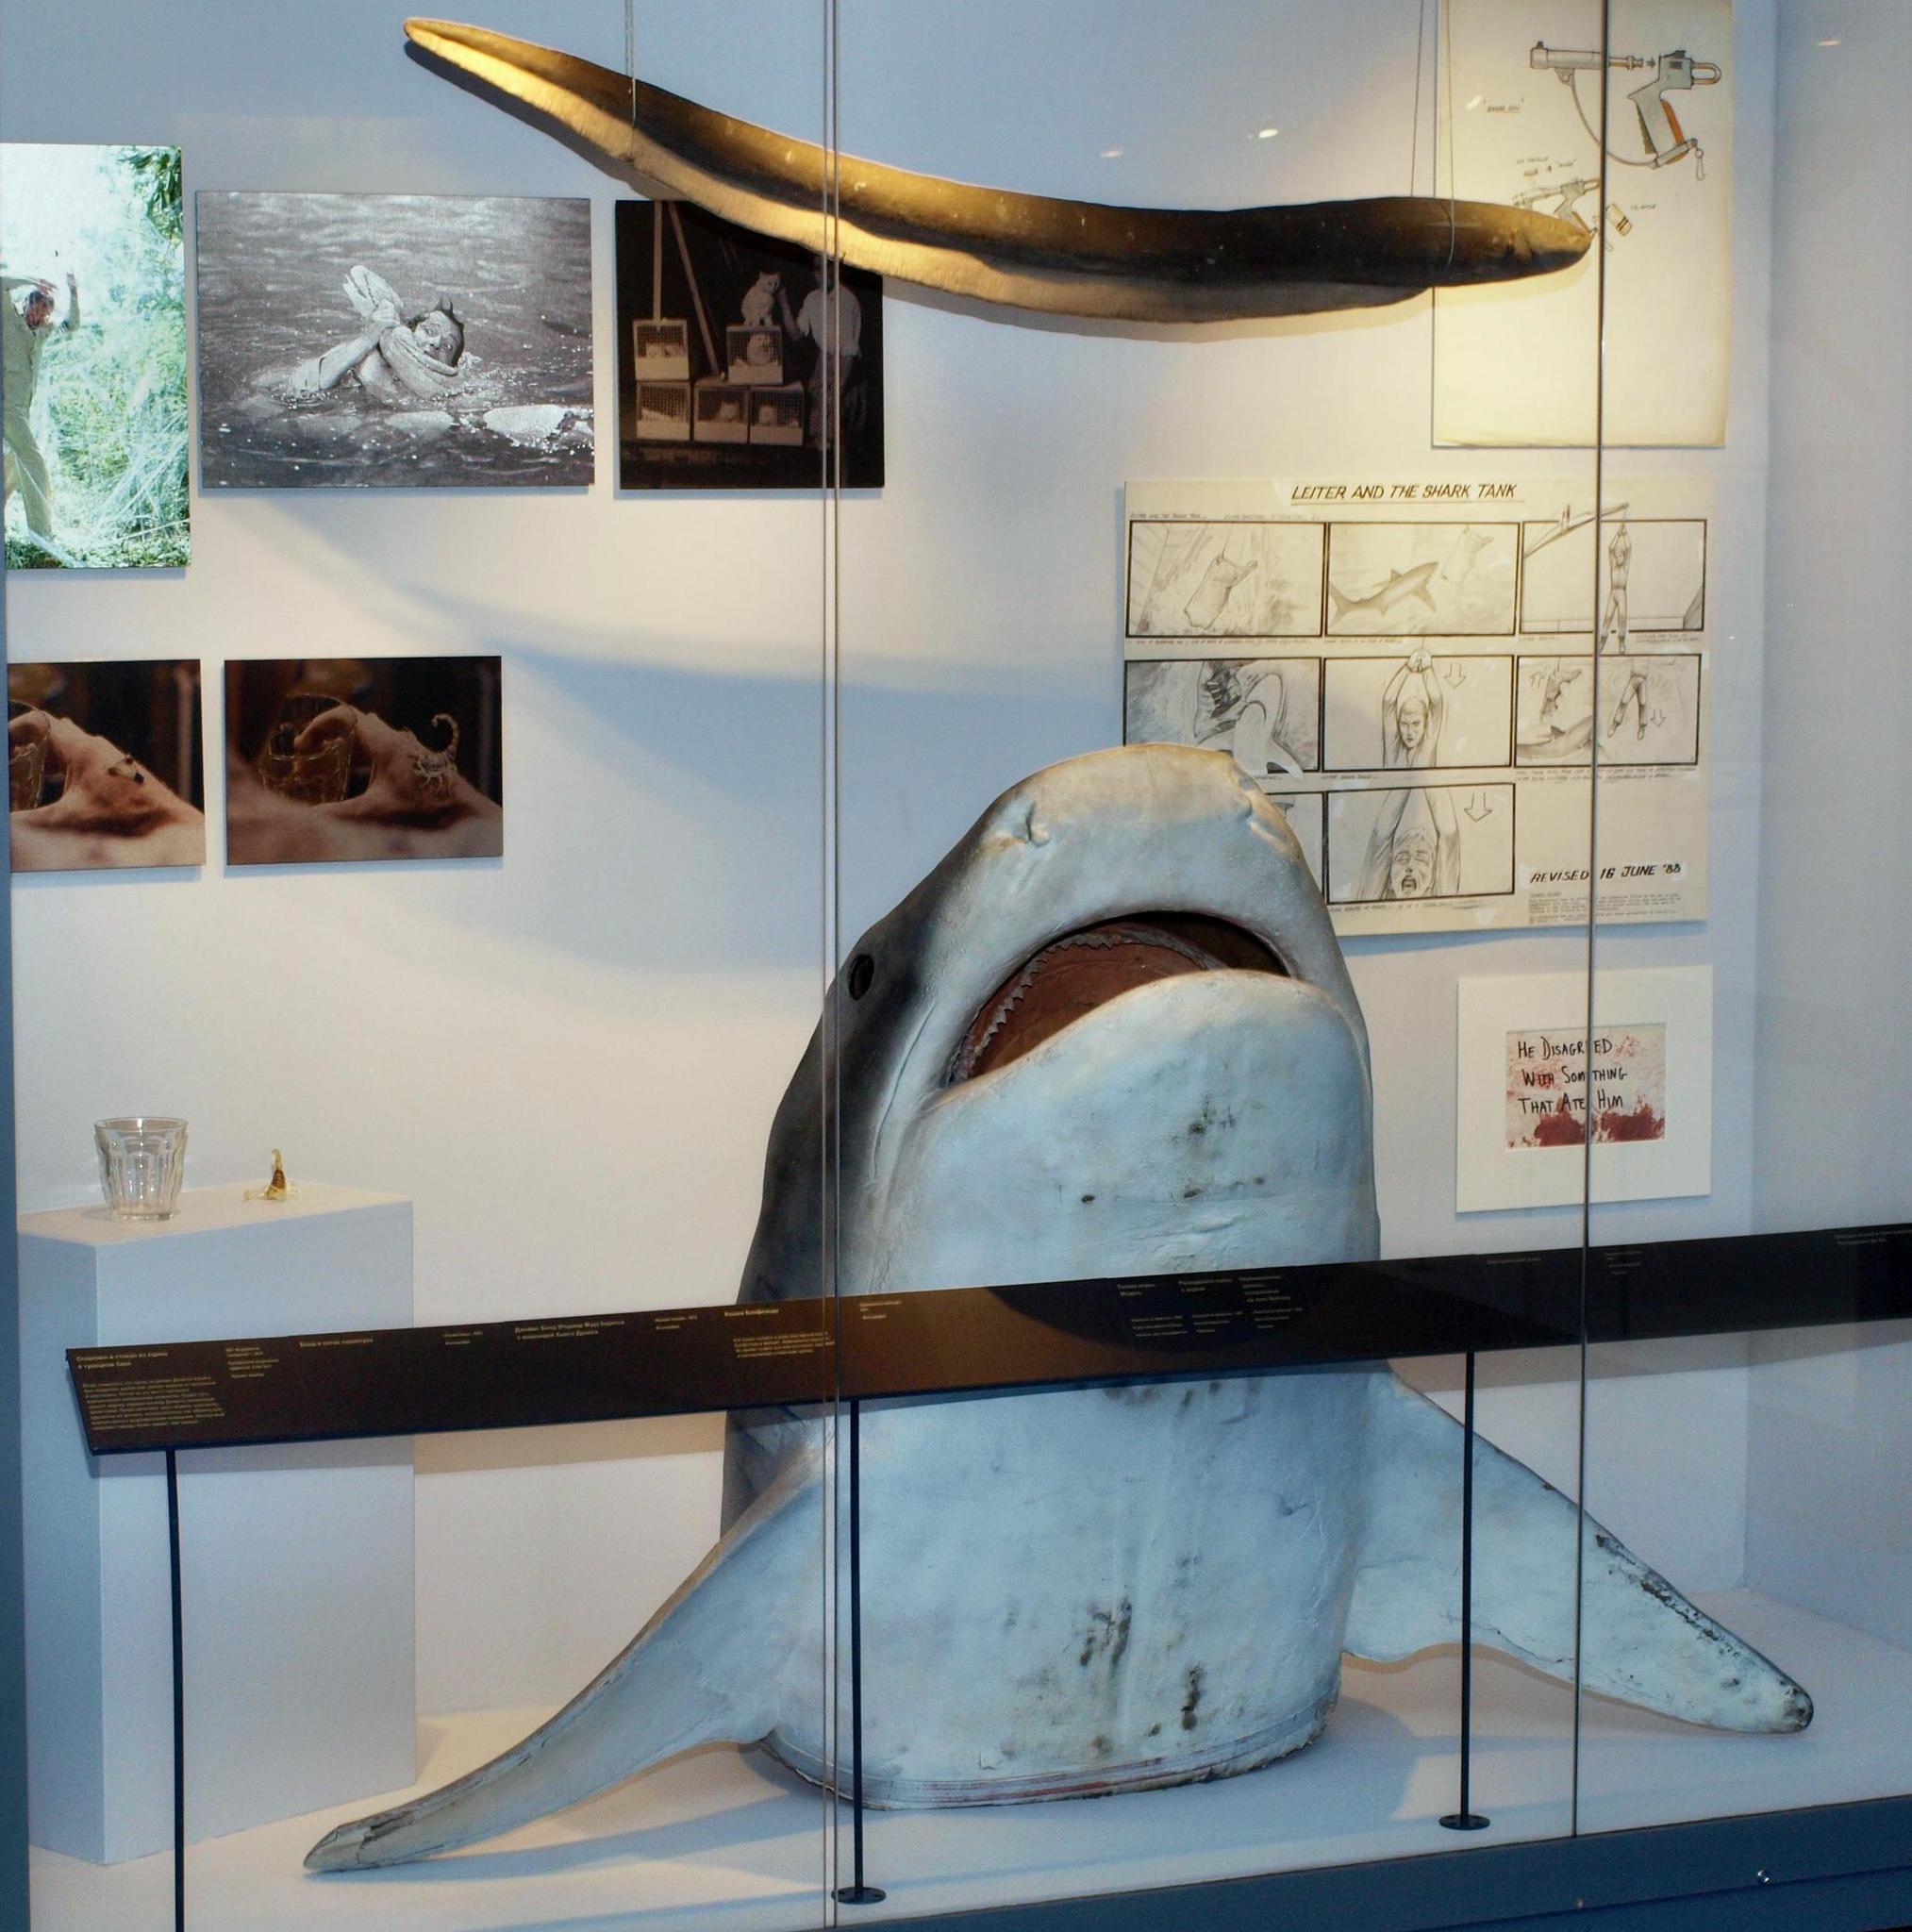 Акула из «Лицензии на убийство». Фотография Малец Михаила Георгиевича